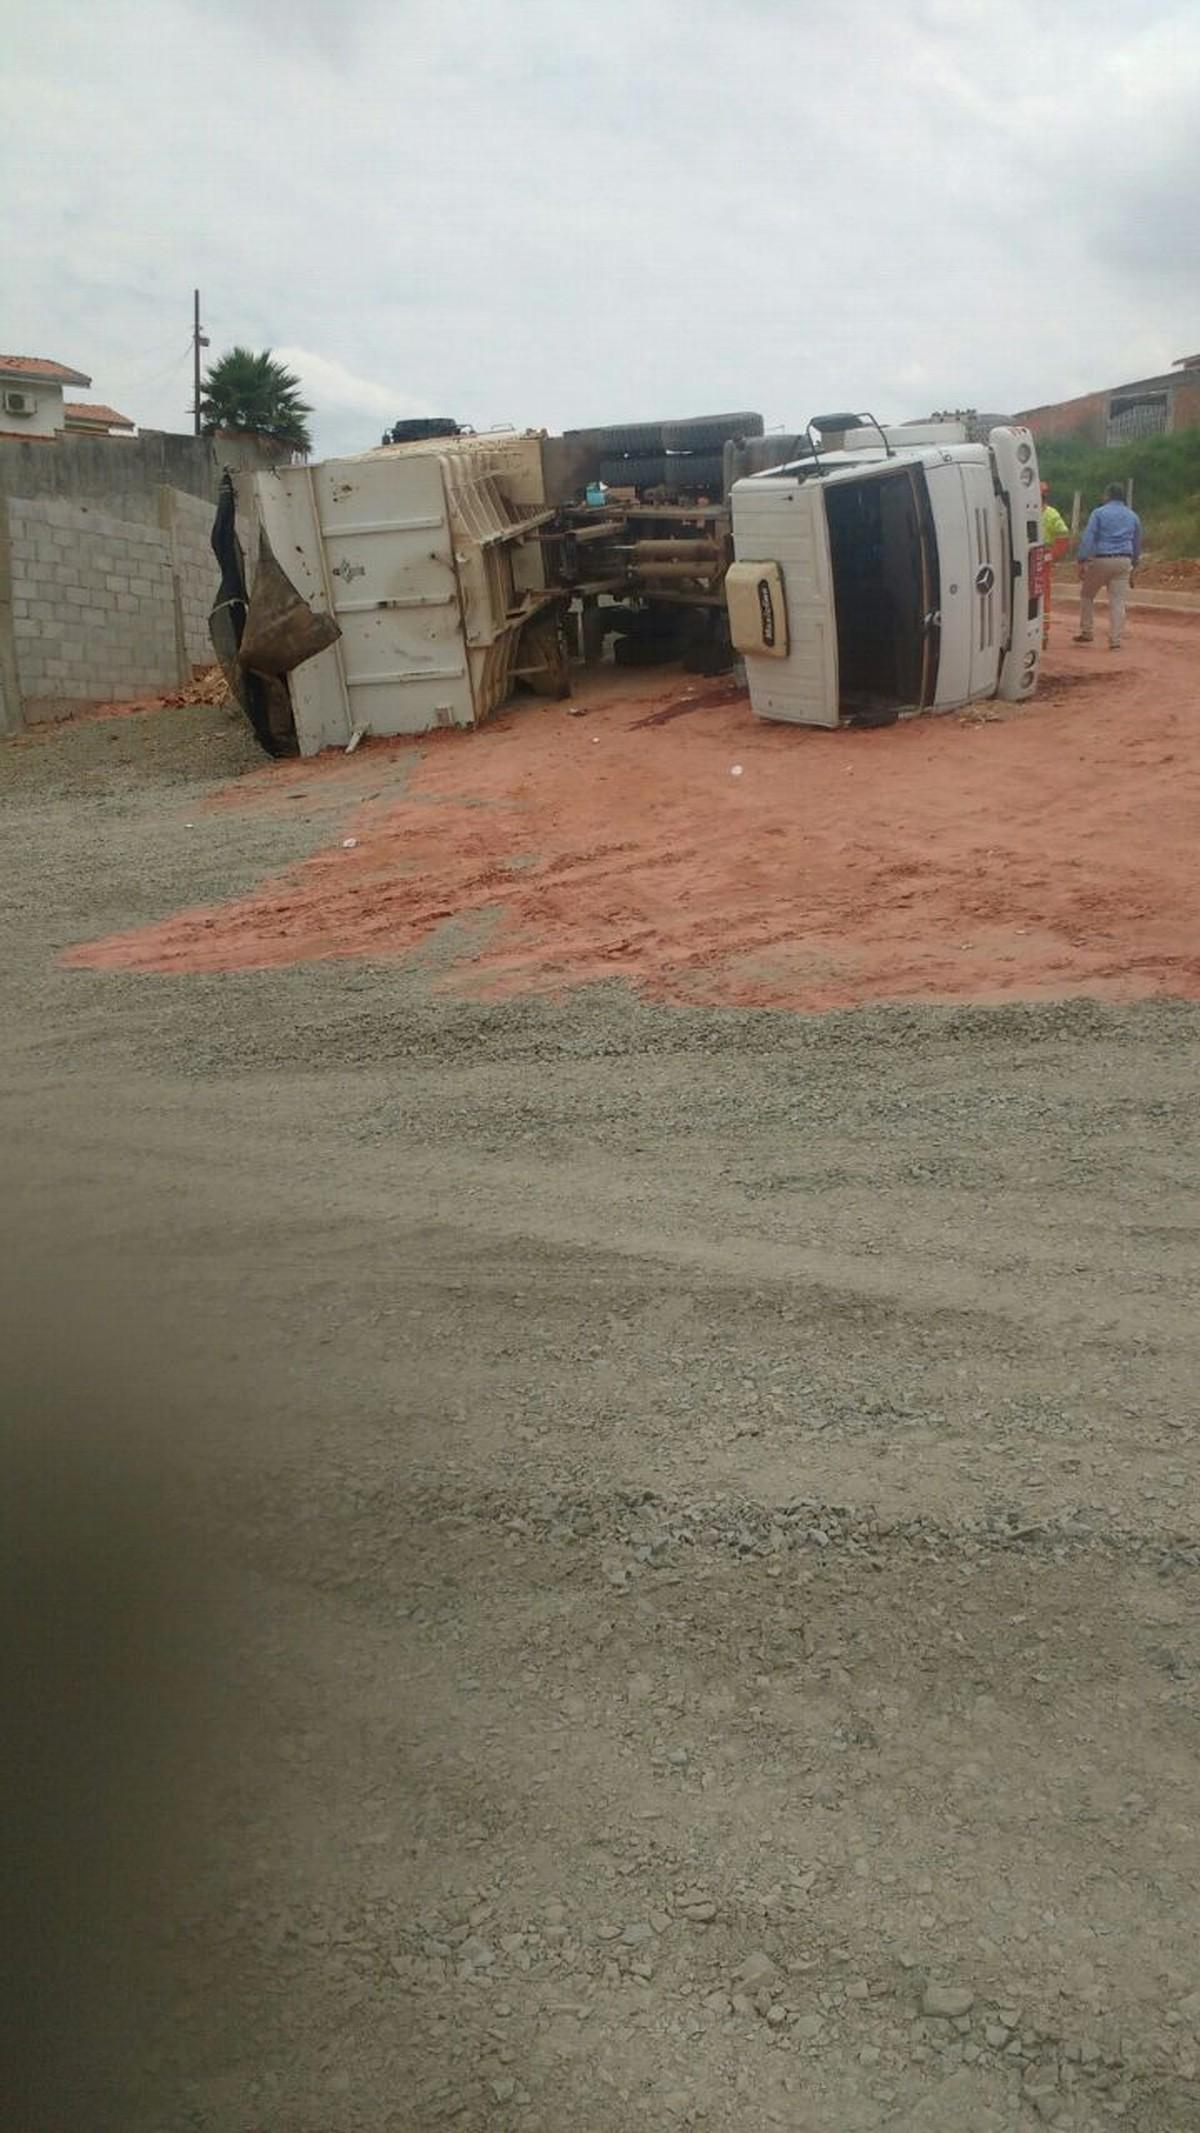 Motorista tomba caminhão em obra de Campinas e é socorrido em estado grave